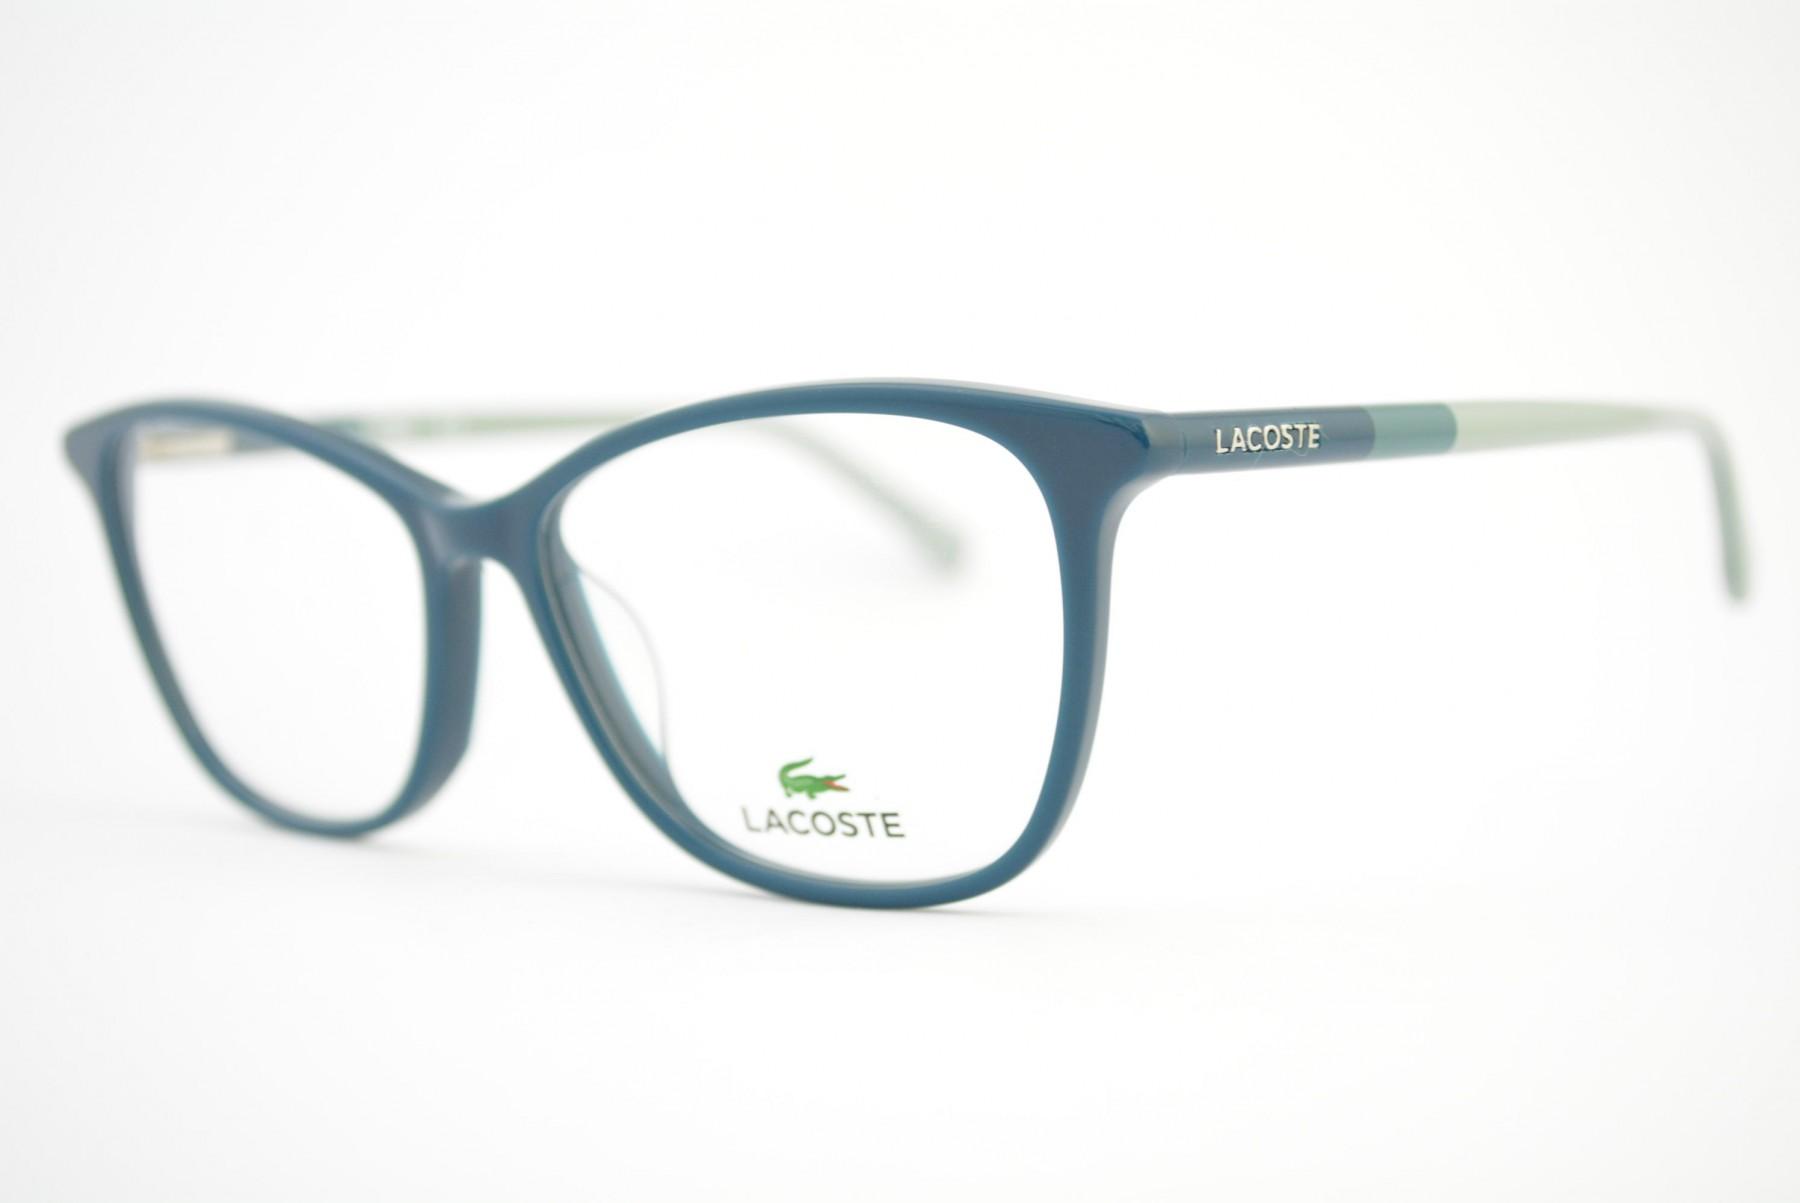 armação de óculos Lacoste mod L2751 466 Ótica Cardoso 6c3a1cc177